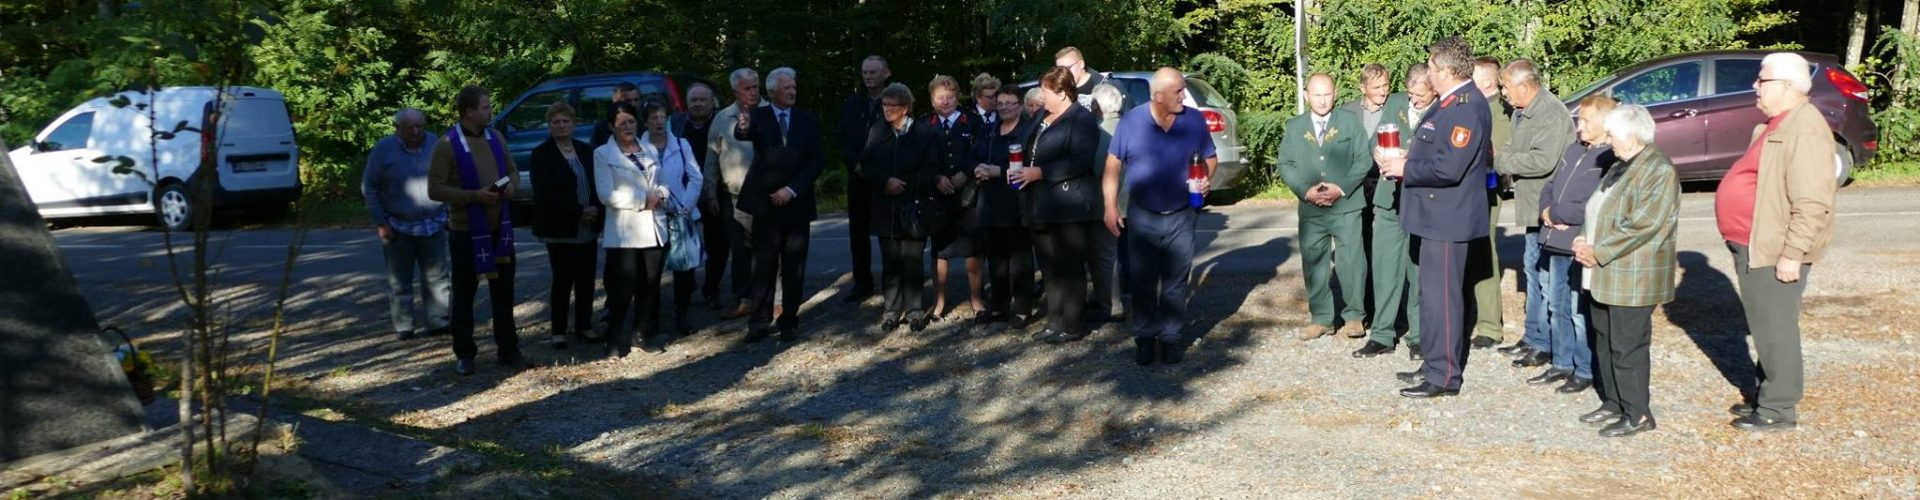 Obilježena 27. obljetnica stradavanja na području grada Gline